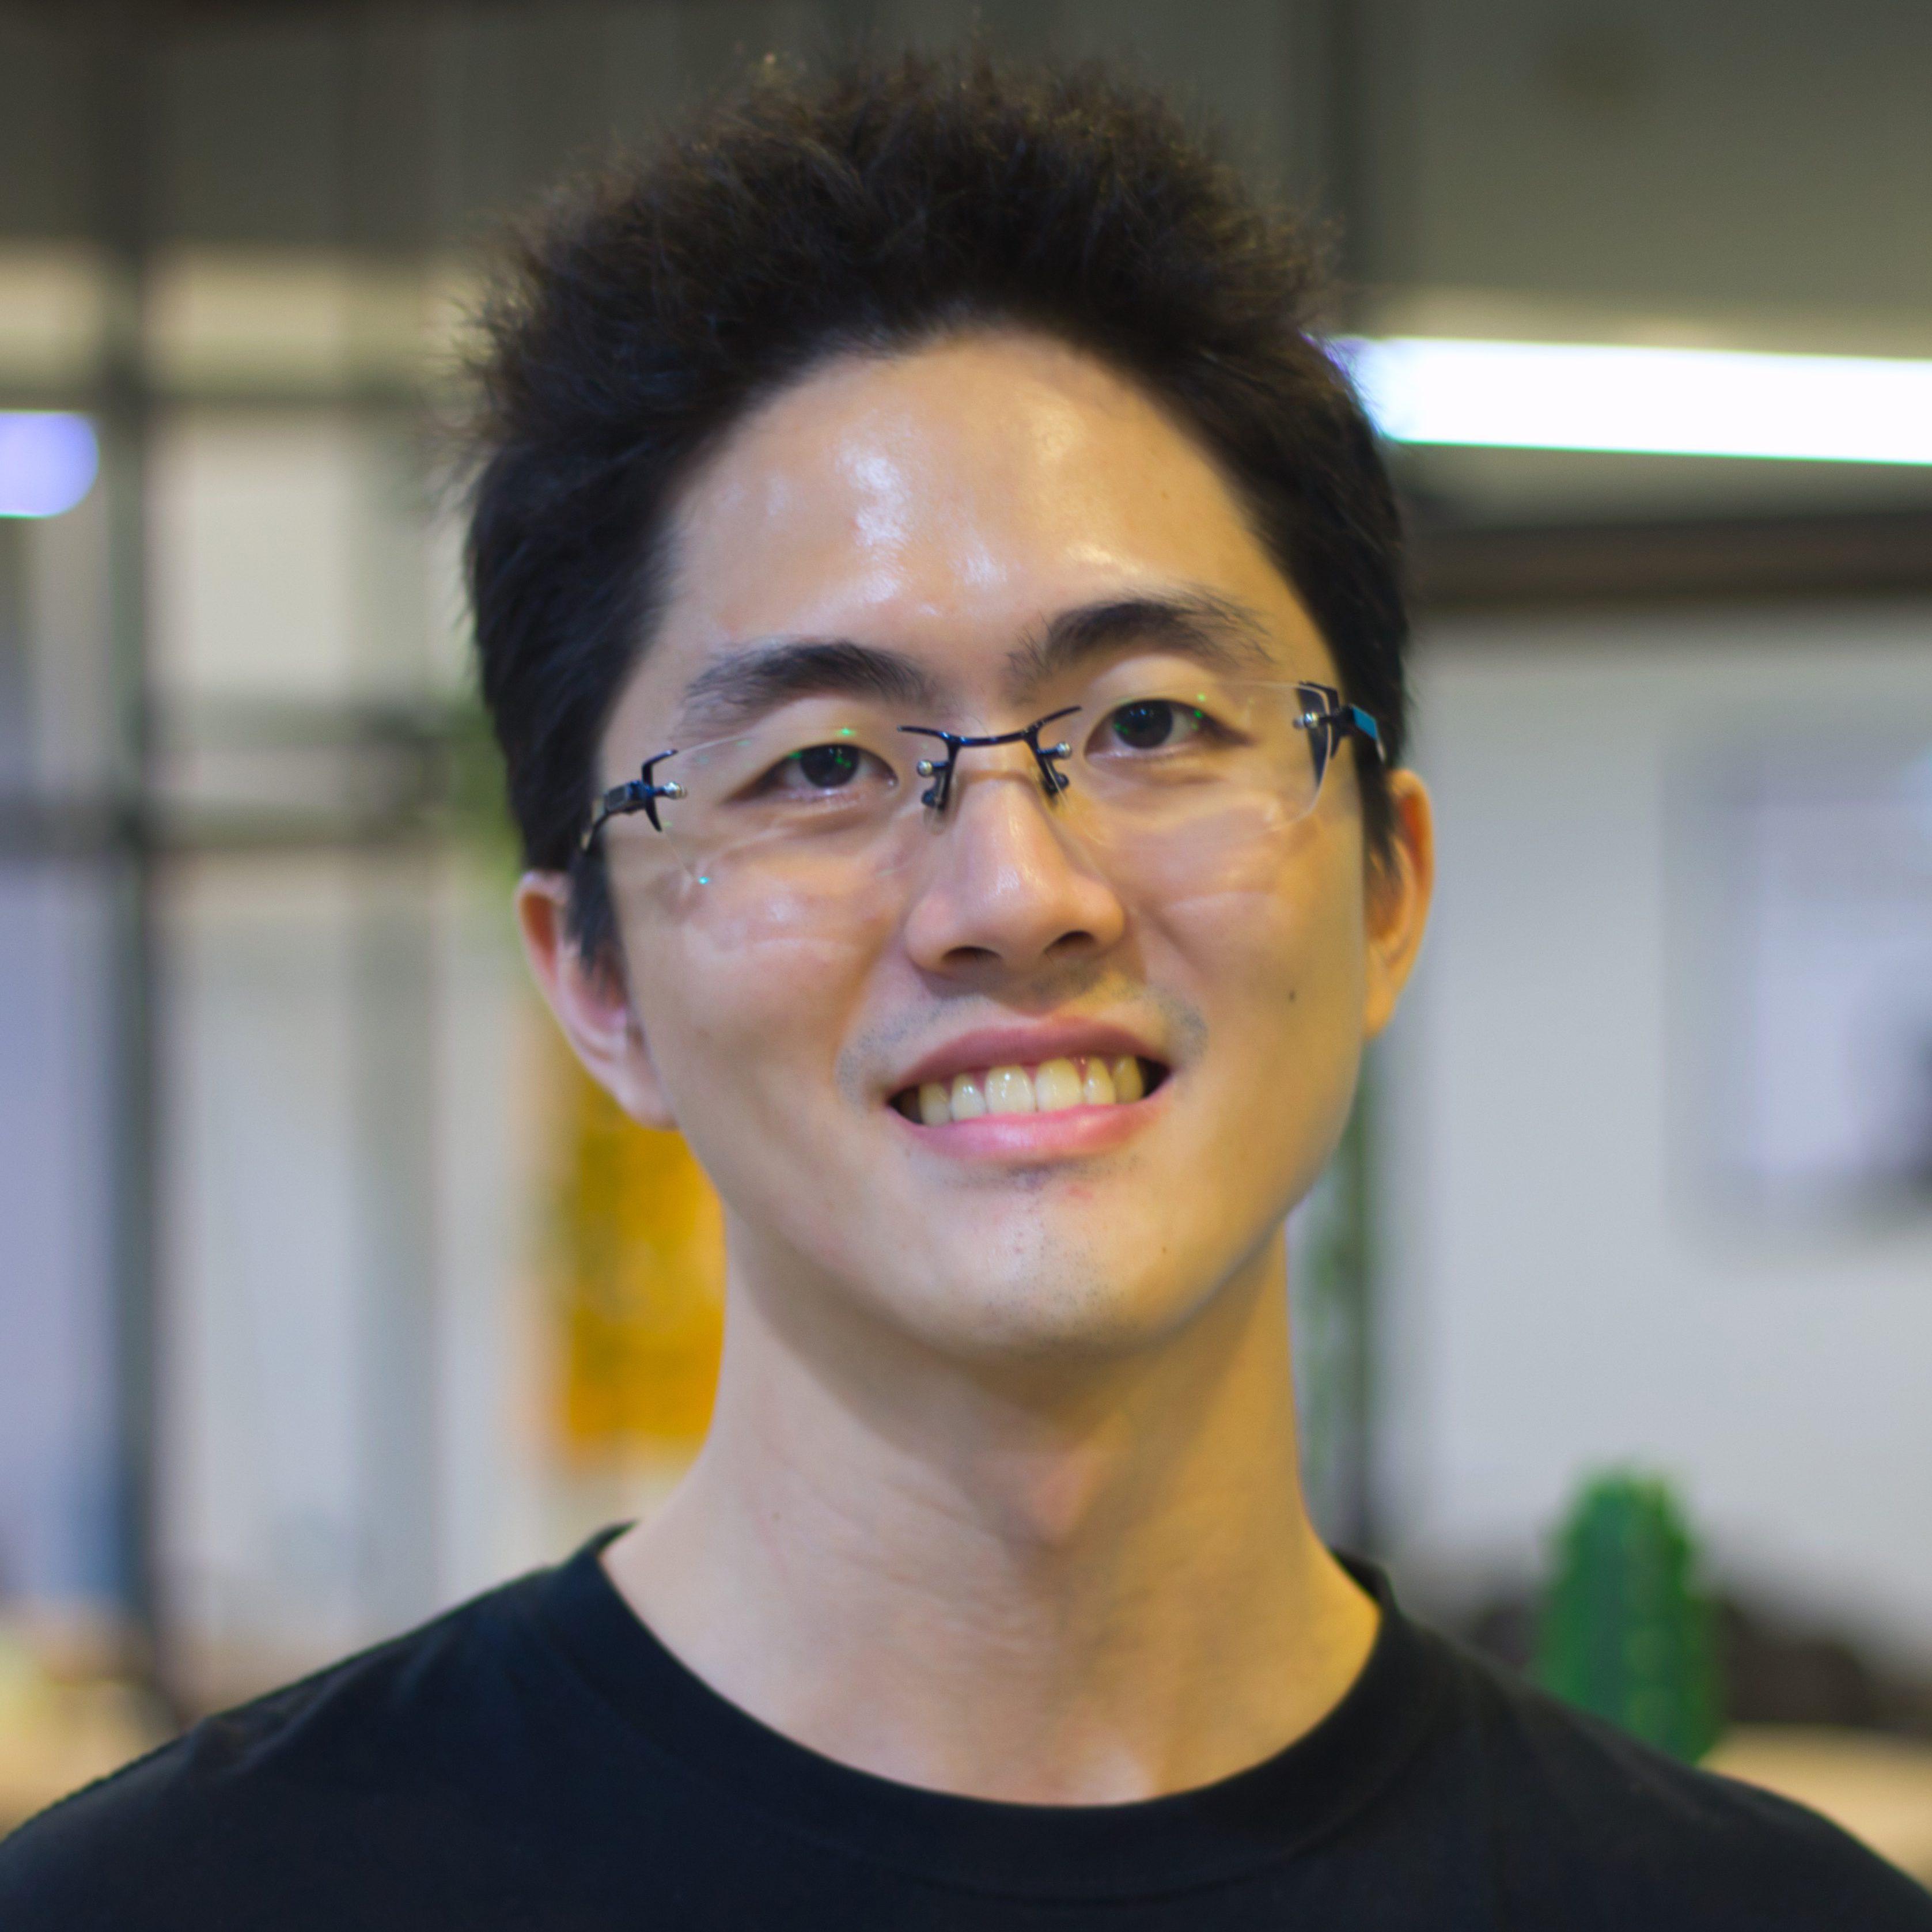 Lujie Chen